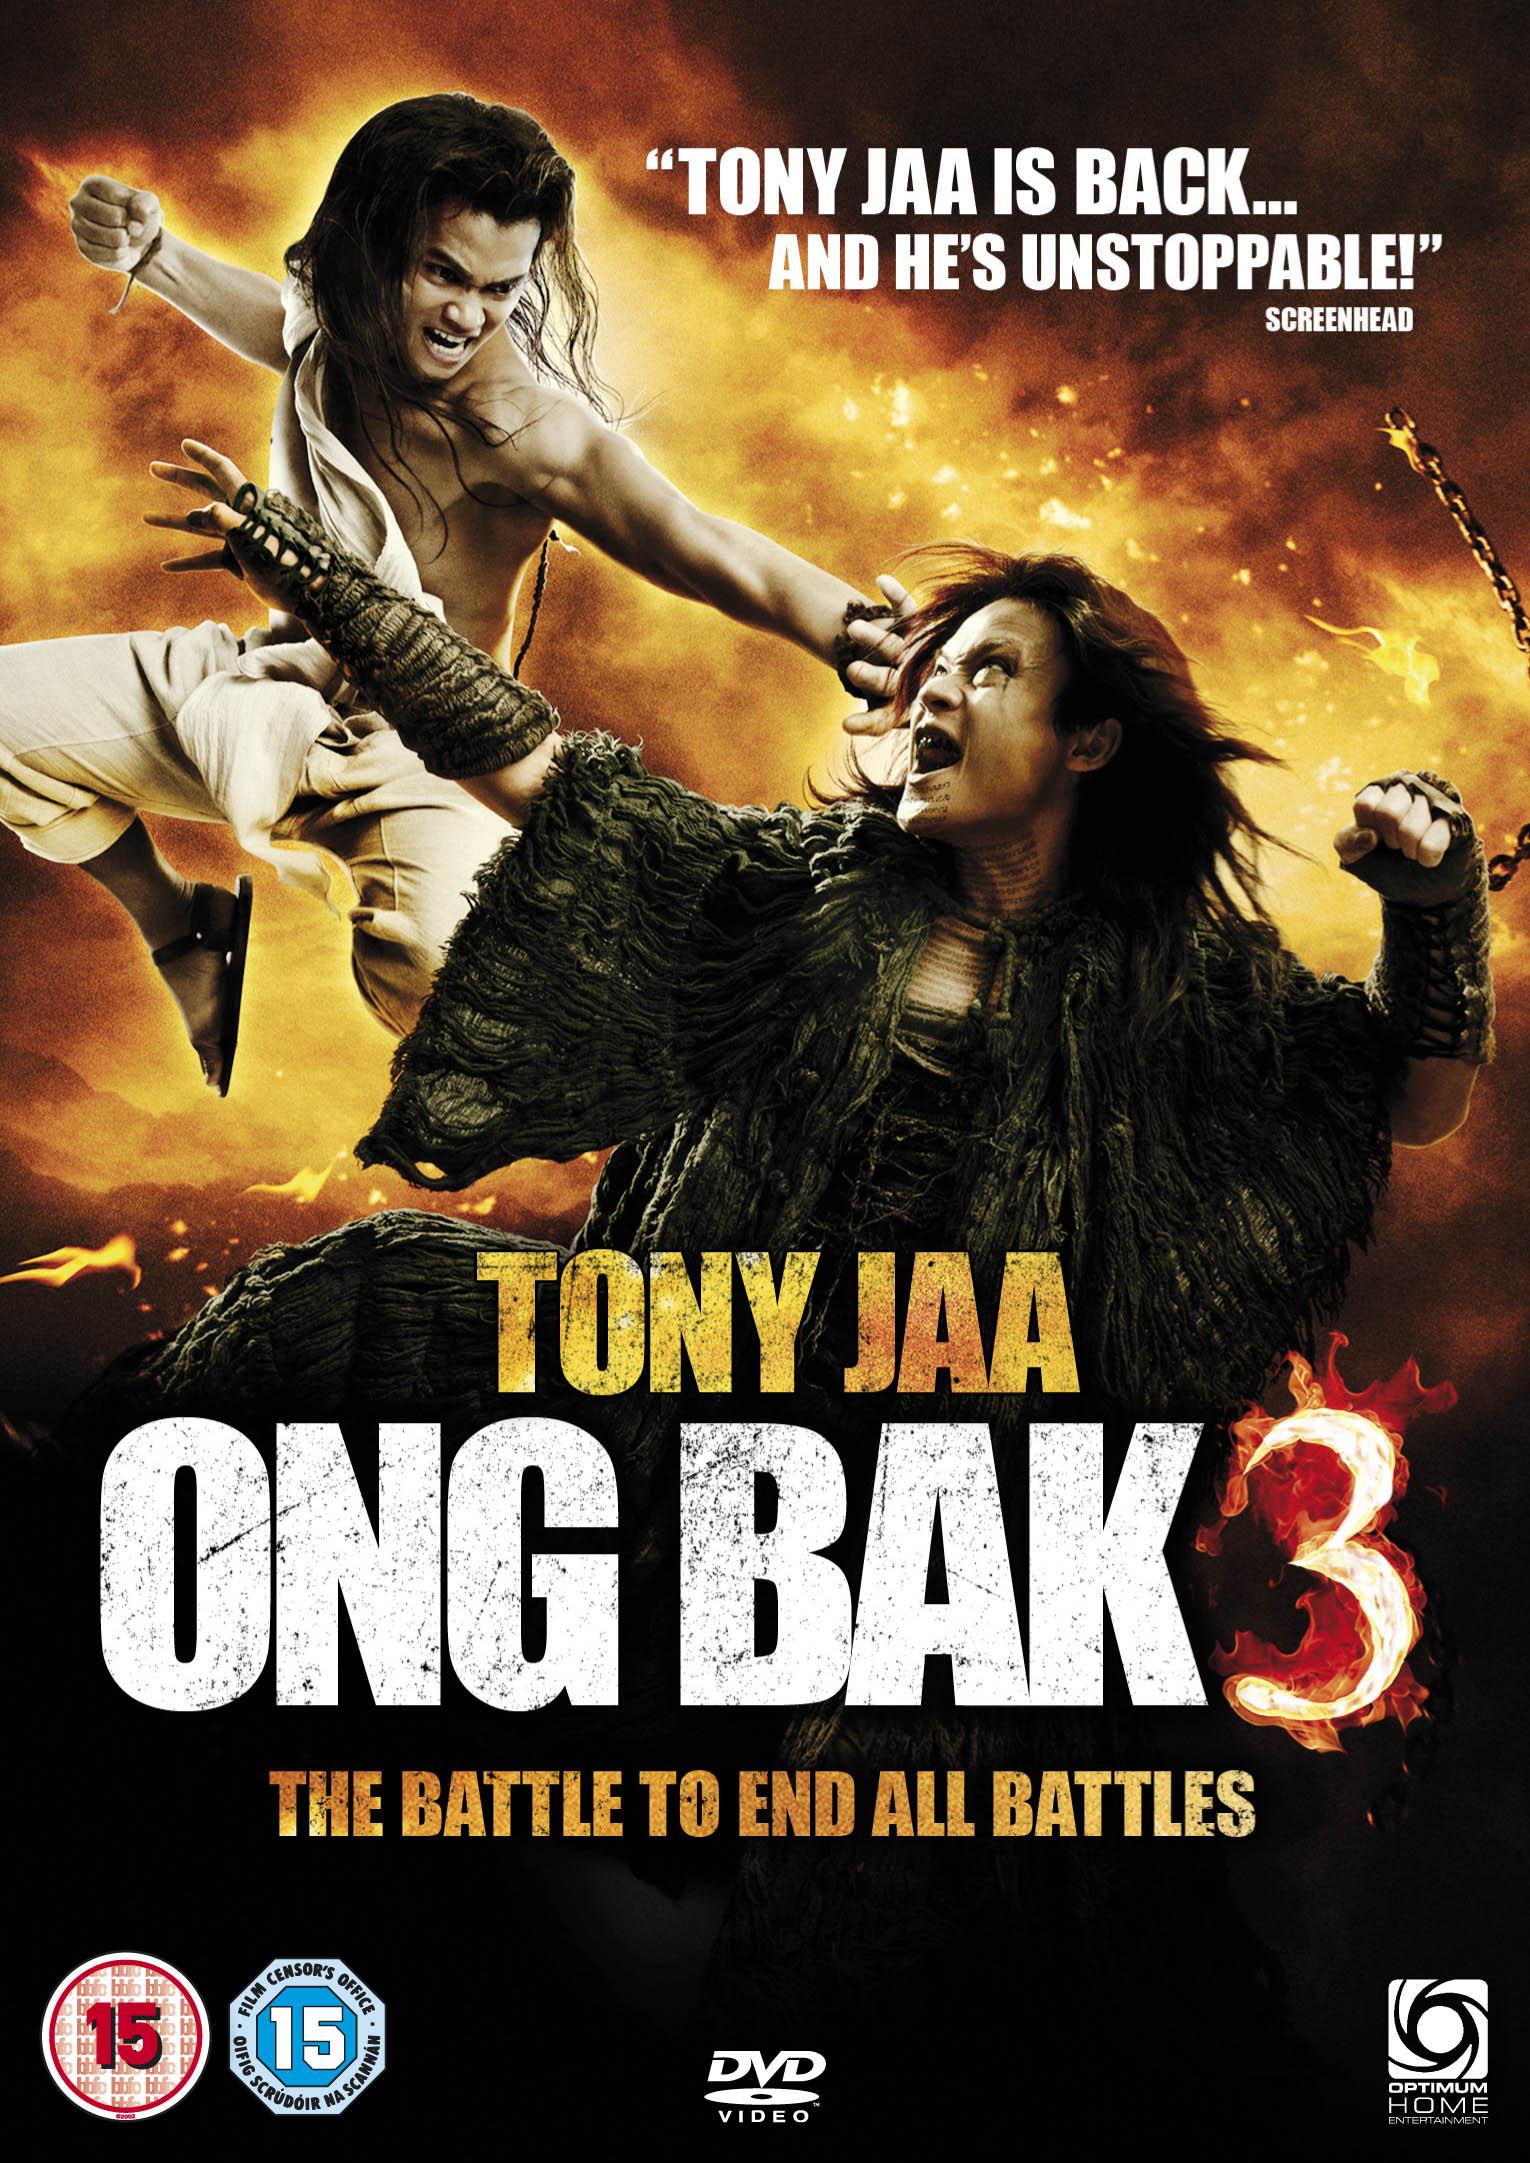 http://www.heyuguys.co.uk/images/2010/10/Ong-Bak-3-DVD.jpg